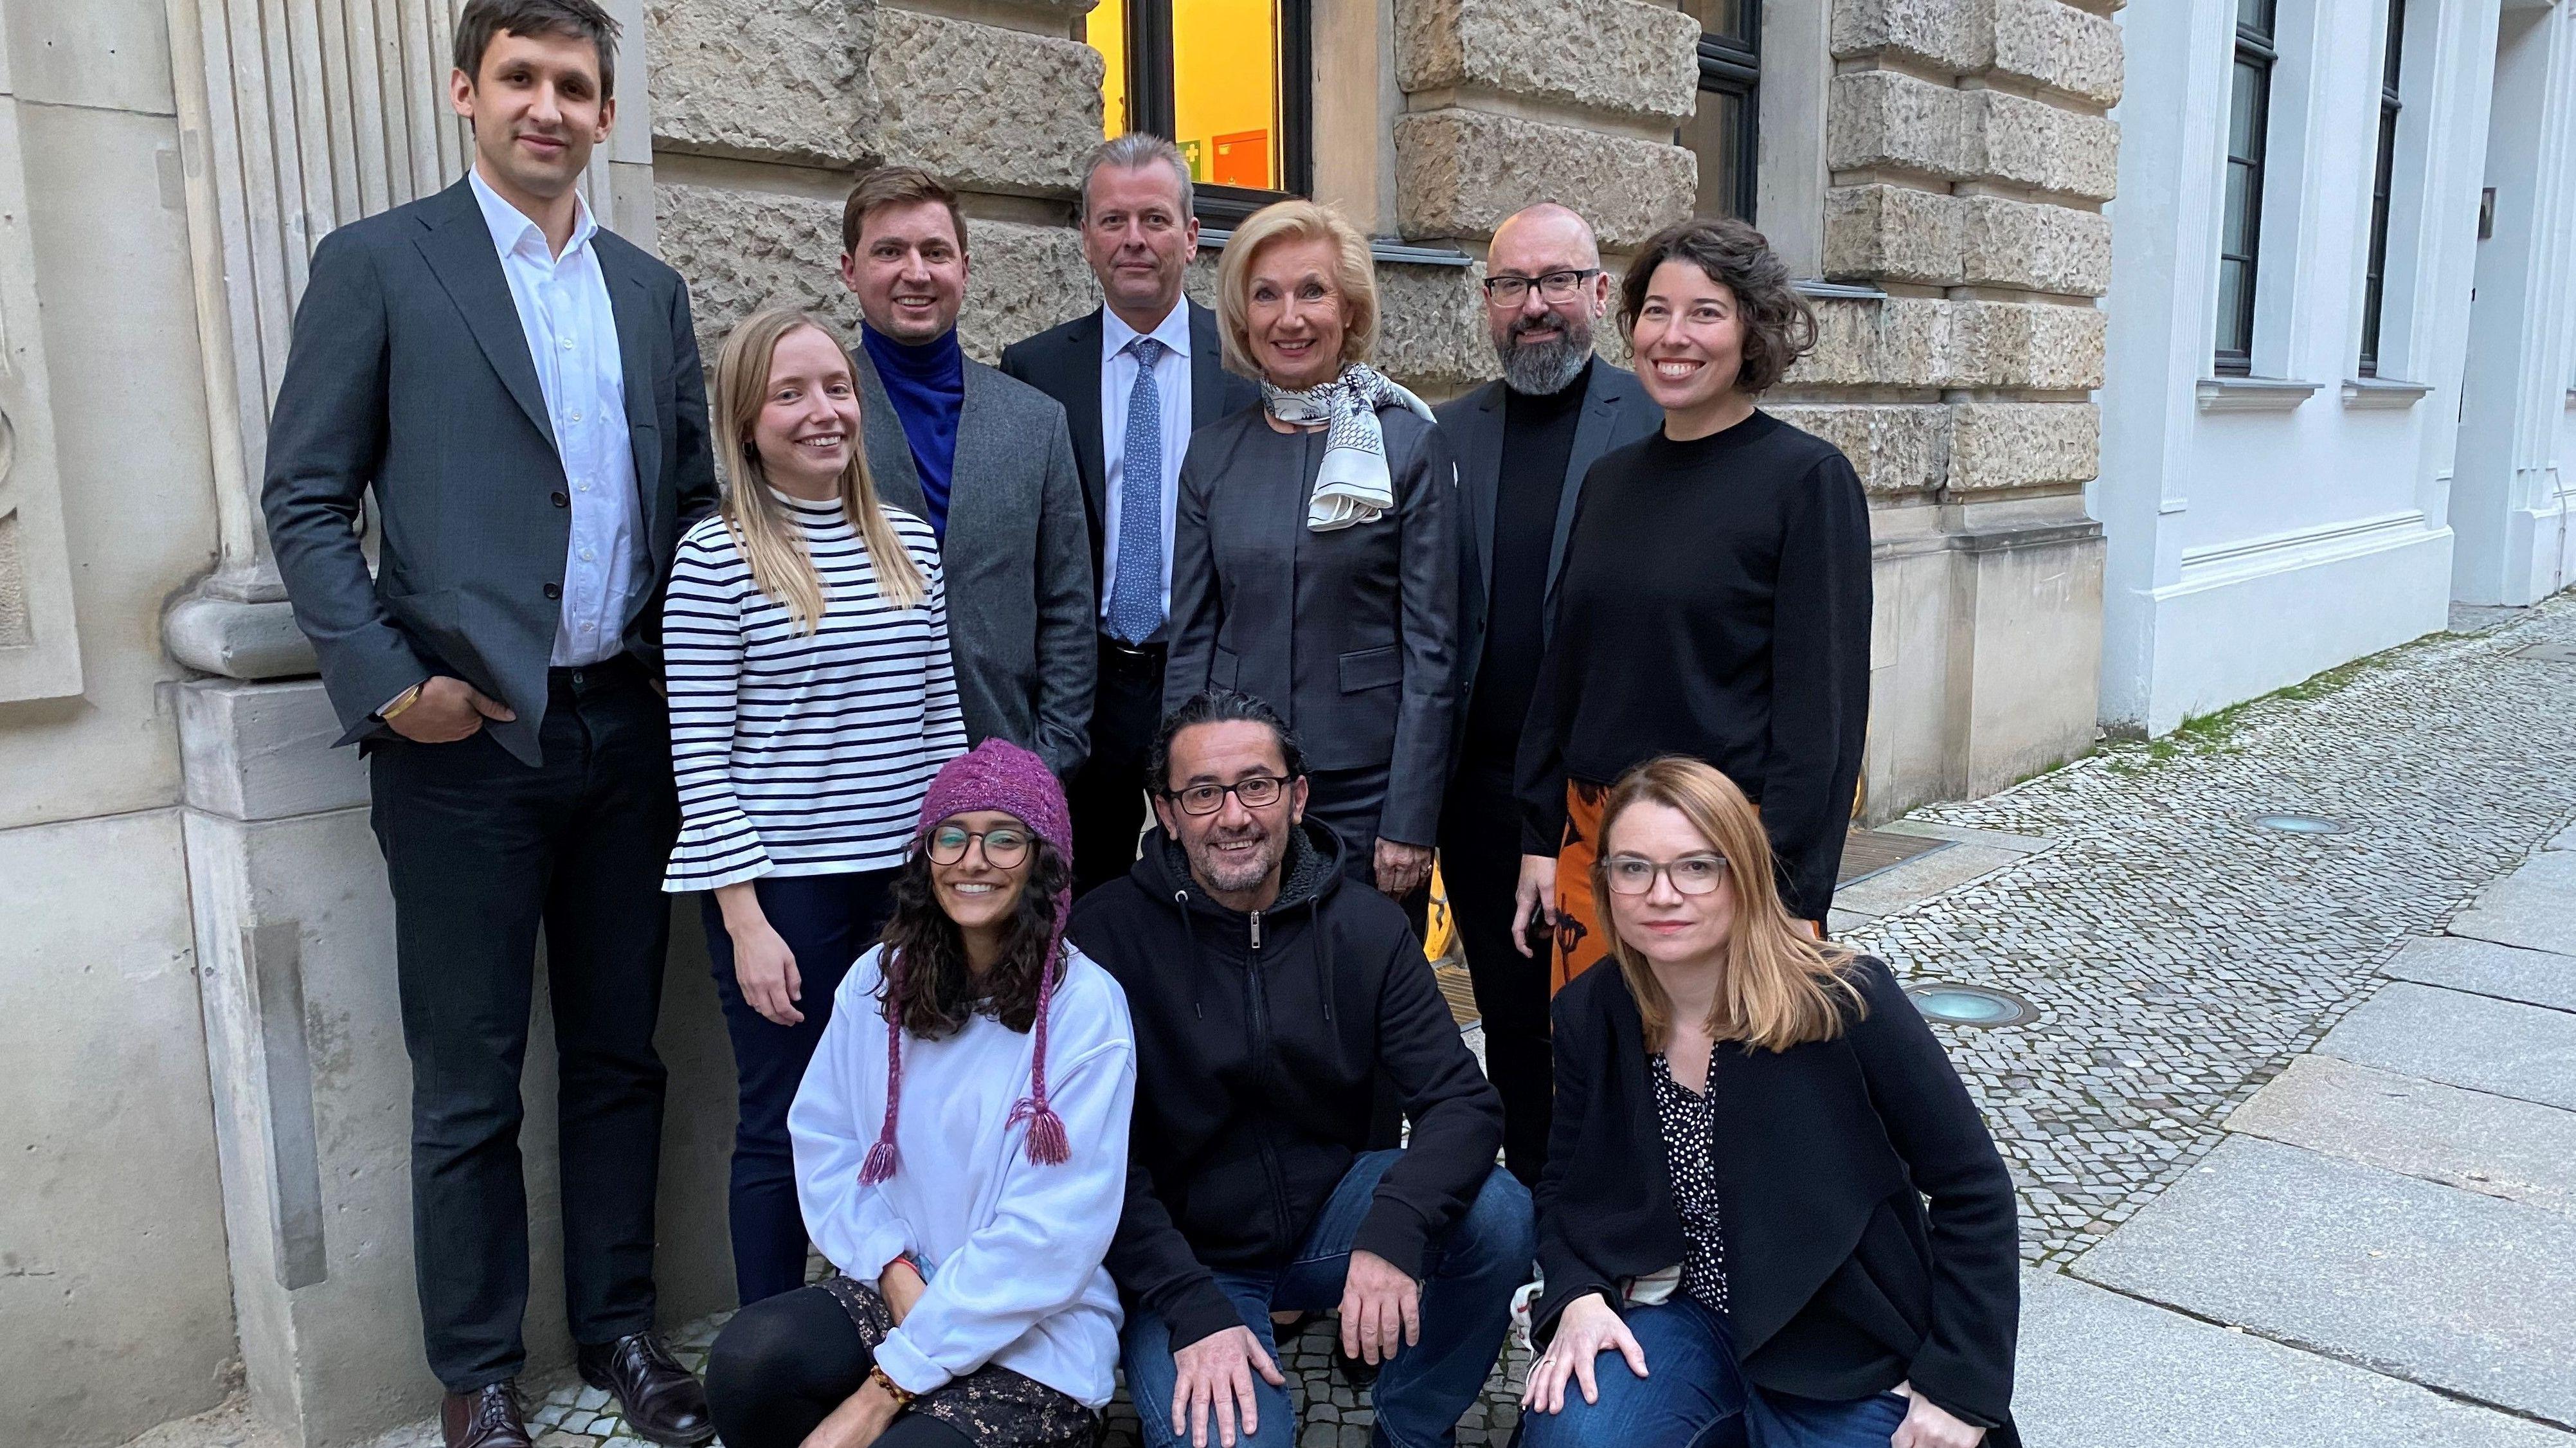 Das Team, das die Stadt Nürnberg bei der Bewerbung um einen Platz auf der Shortlist für die Europäische Kulturhauptsadt 2025 vertreten hat.